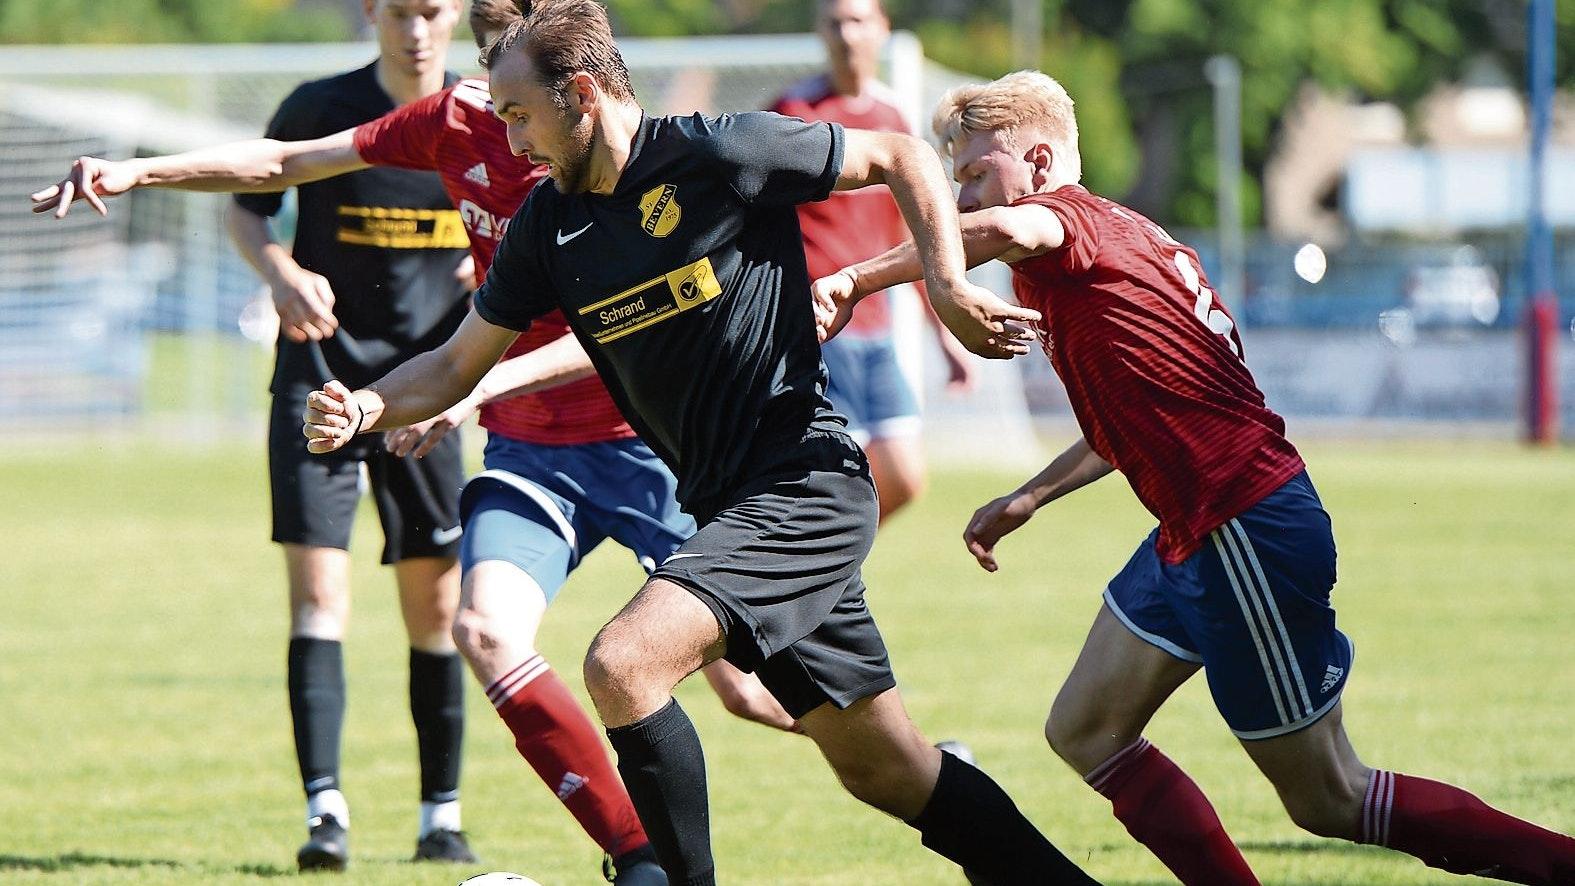 Torschützen unter sich: Joshua König (am Ball) erzielte das zwischenzeitliche 2:0 für Bevern, Dirk Averdam (rechts) schaffte den 2:2-Ausgleich, nachdem Steffen Buddelmeyer (verdeckt) den Anschlusstreffer für Dinklage markiert hatte. Foto: Langosch